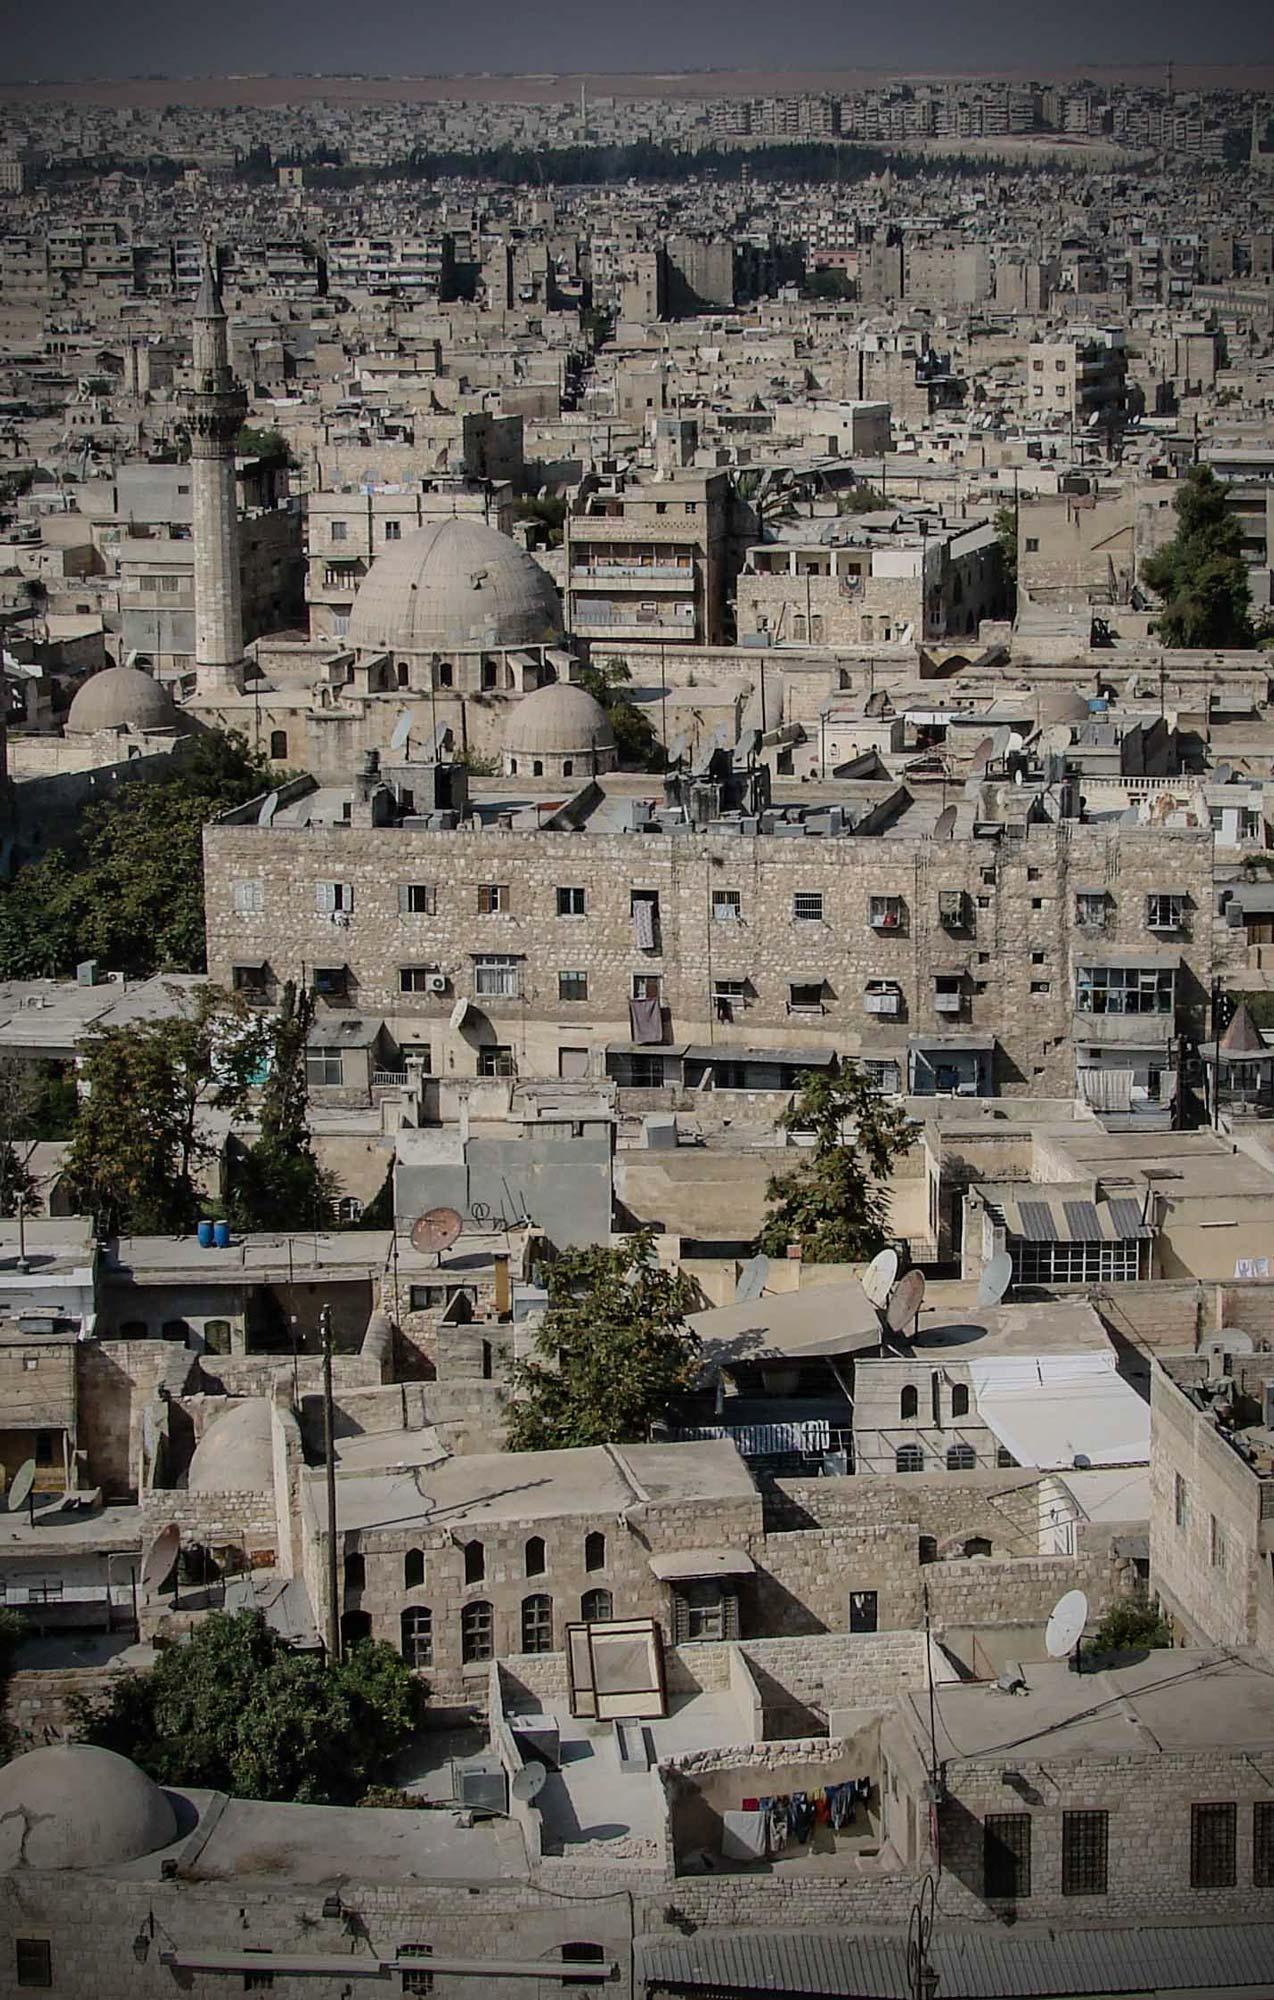 10 років тому почалася громадянська війна в Сирії. Розповідаємо коротко в сторіз, як це змінило світ